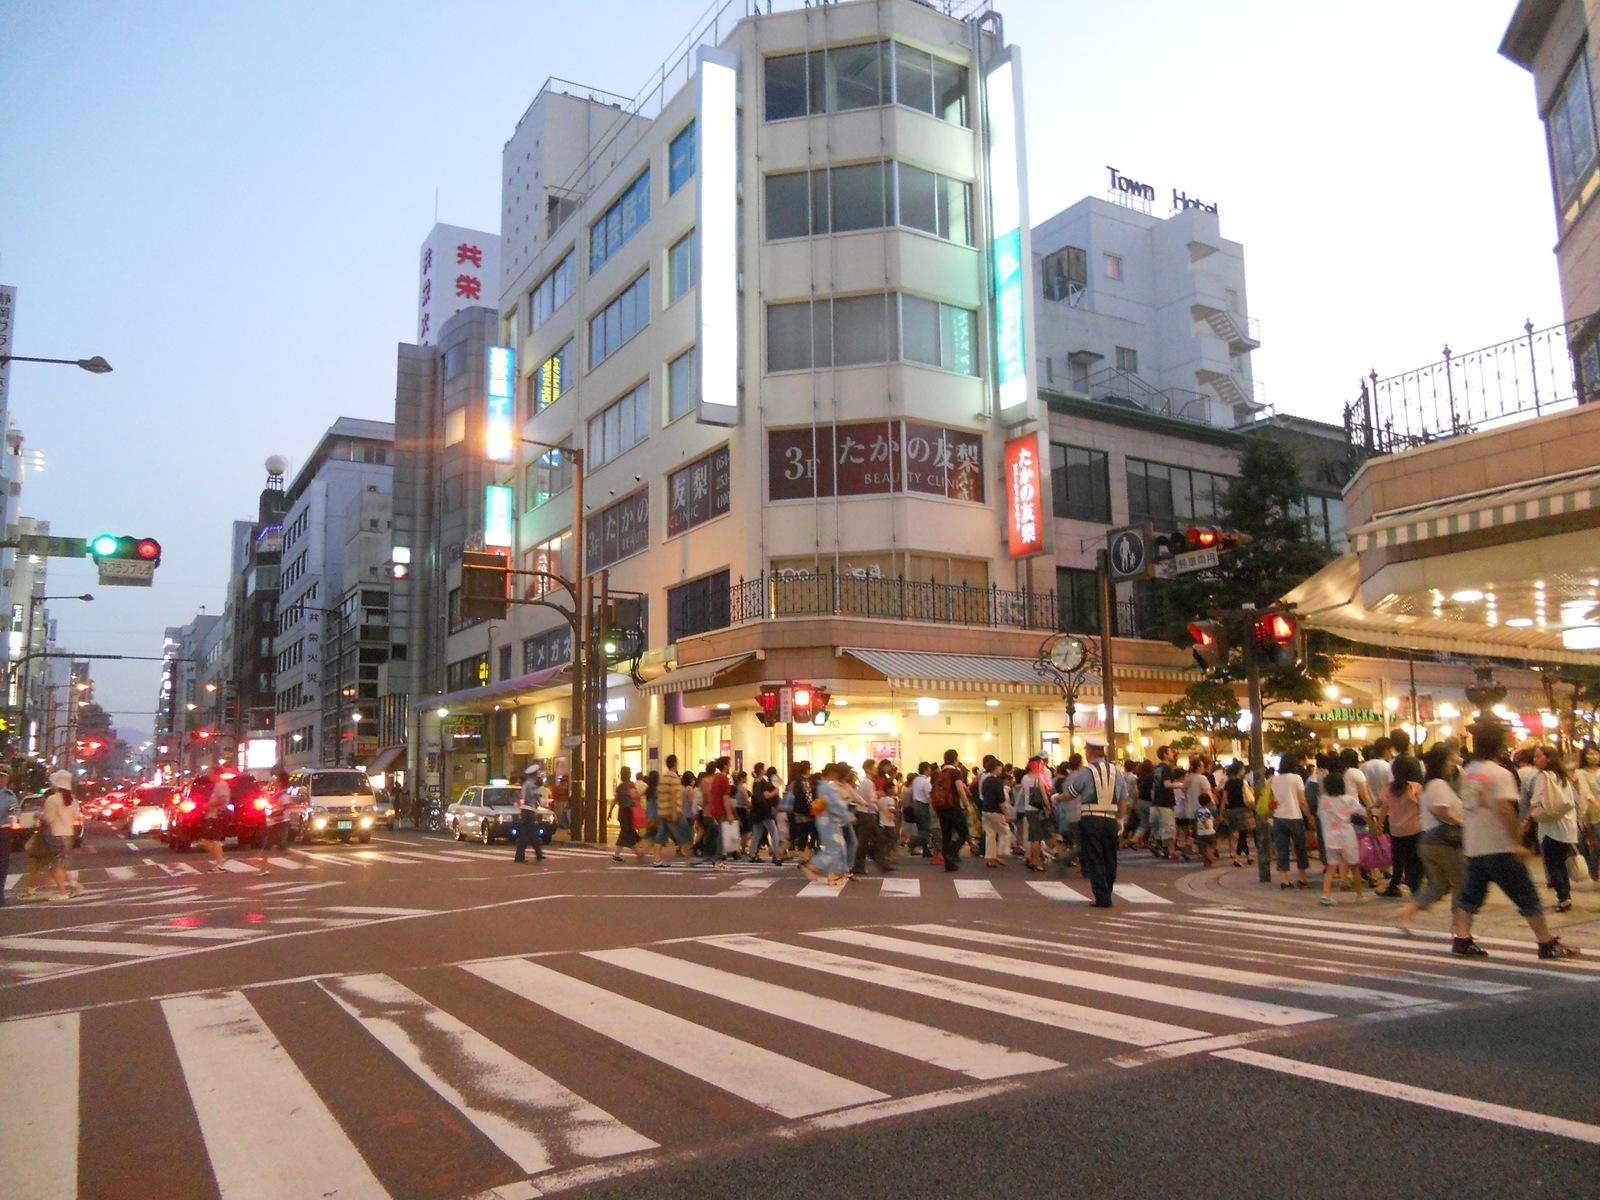 静岡夏祭り夜店市2011